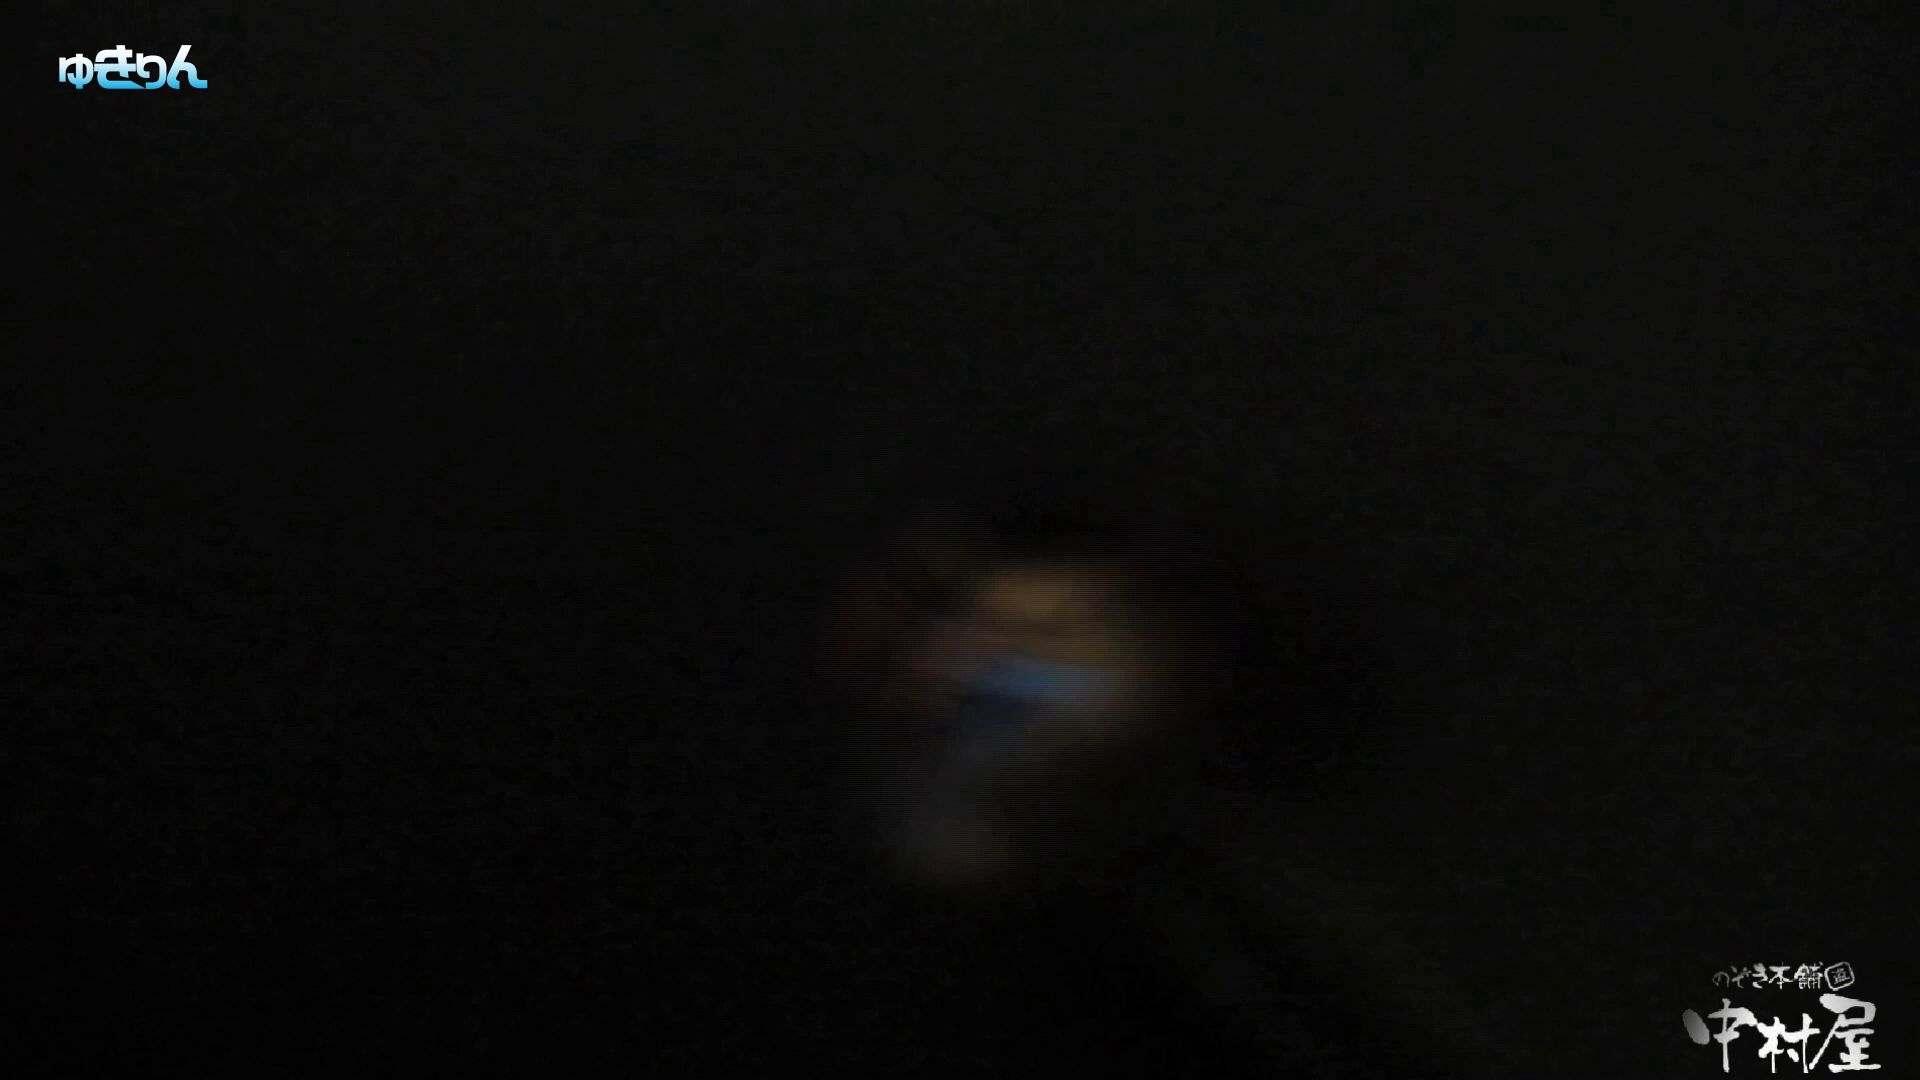 世界の射窓から~ステーション編~ vol56 すごいM字開脚してくれます。前編 OLハメ撮り  97Pix 57